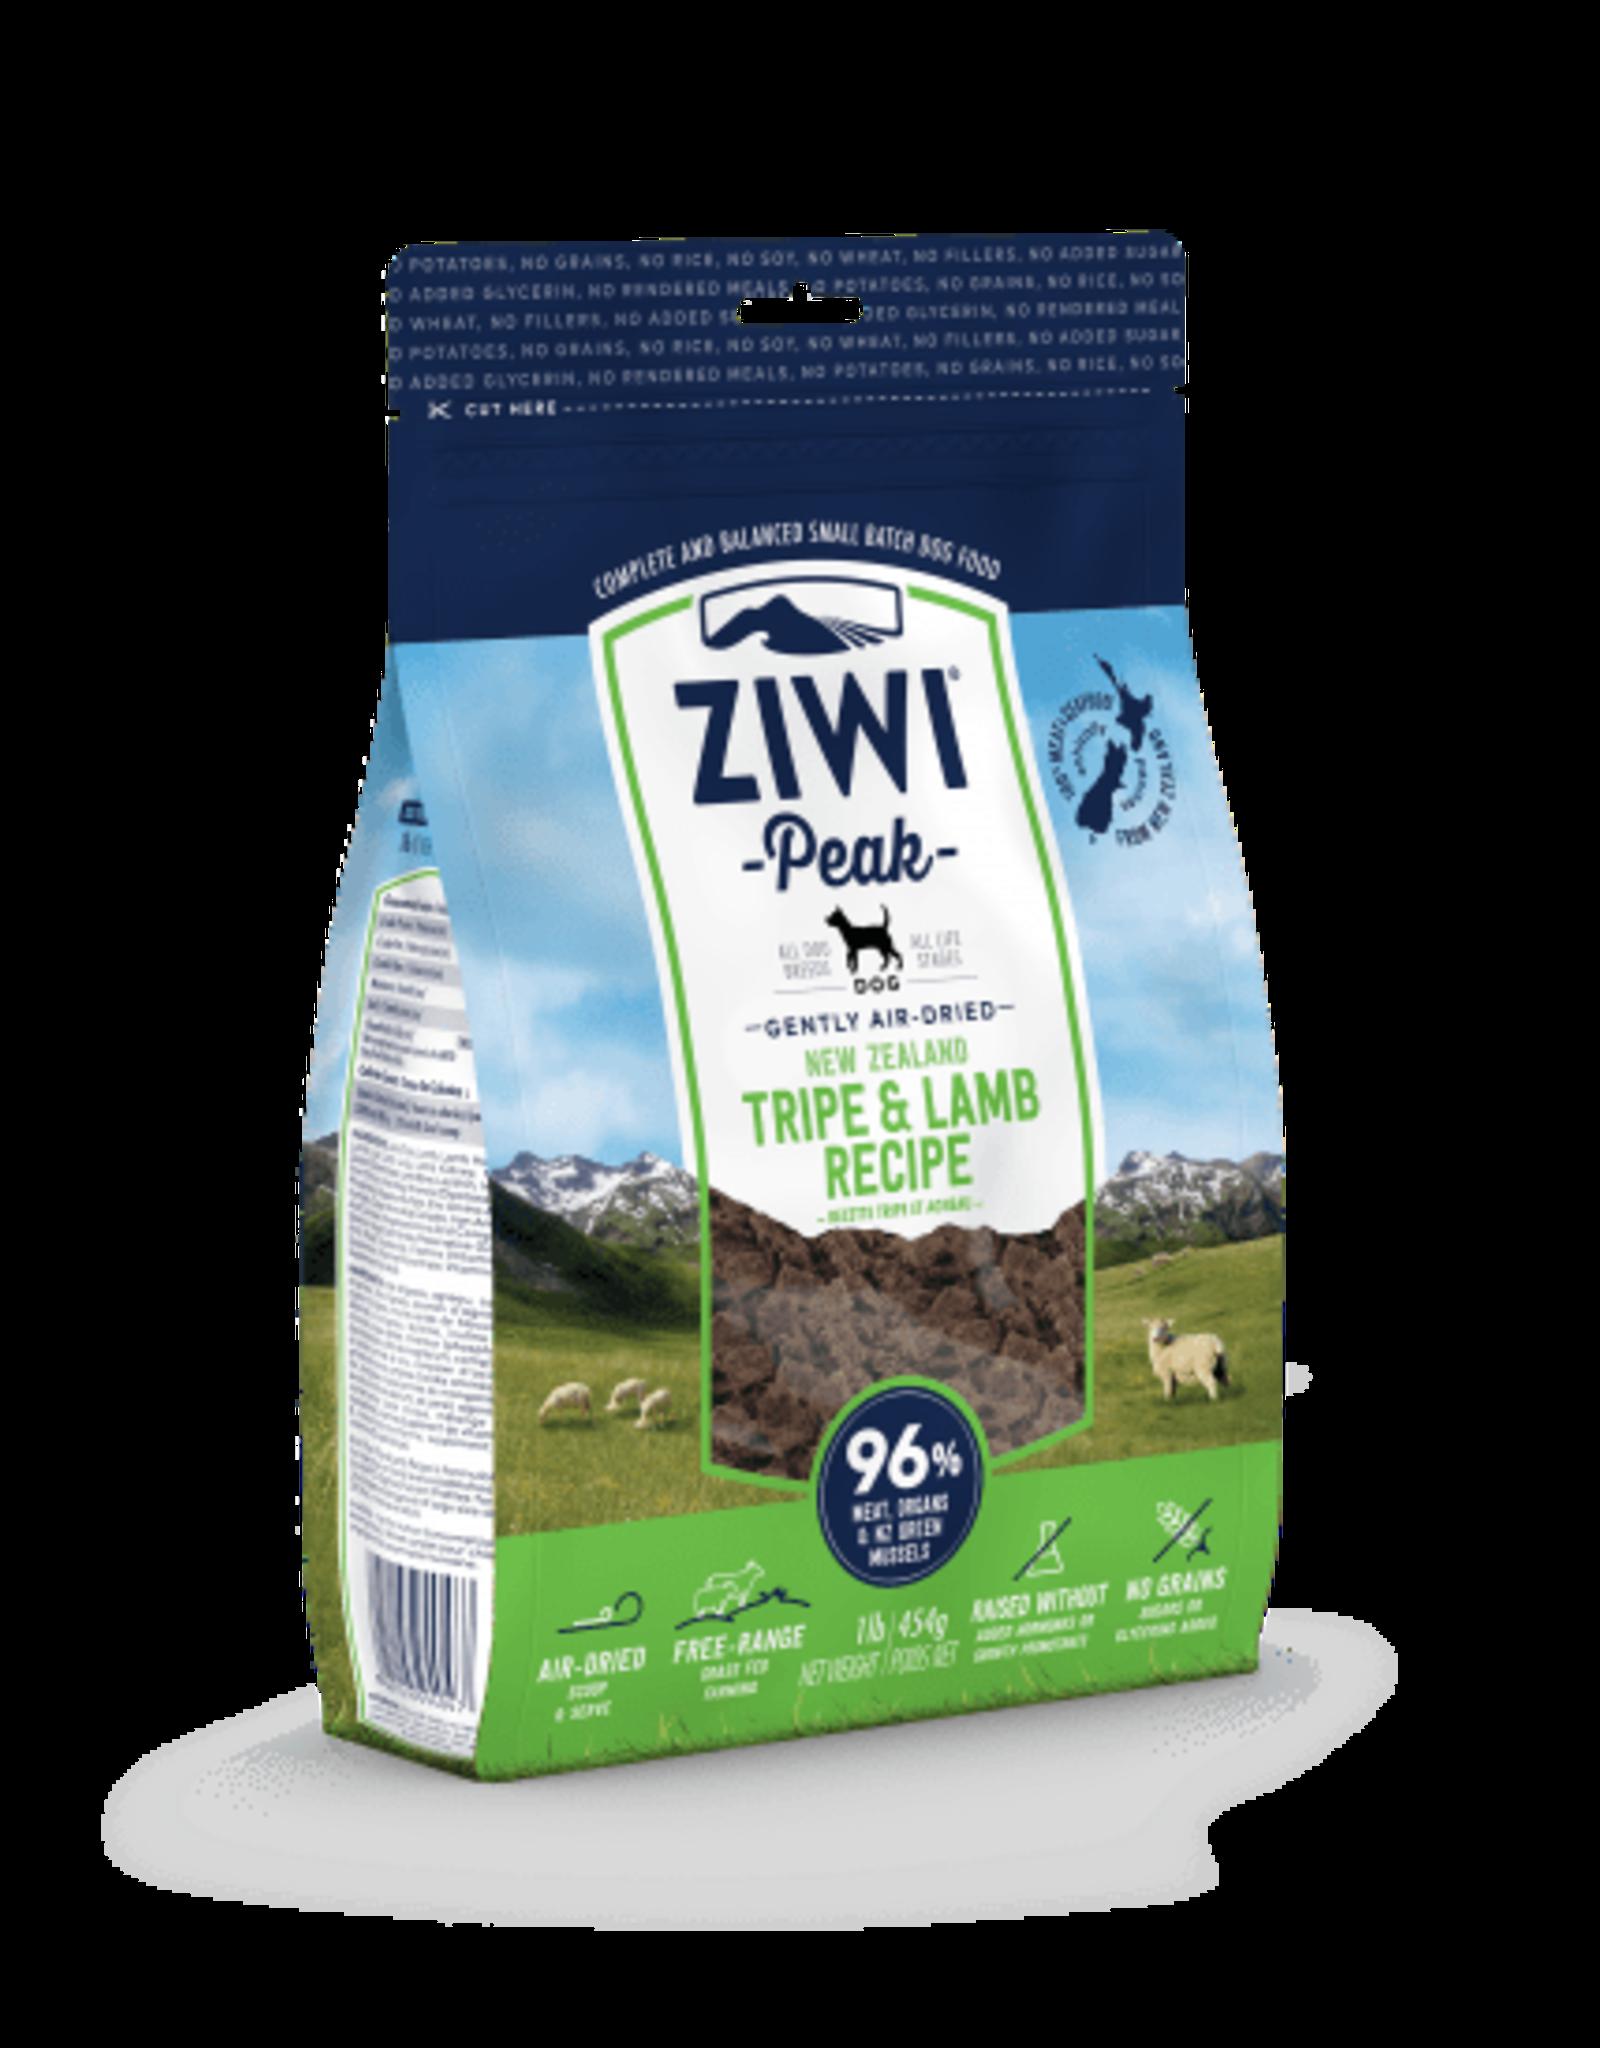 Ziwi Peak ZIWI Dog - Tripe & Lamb